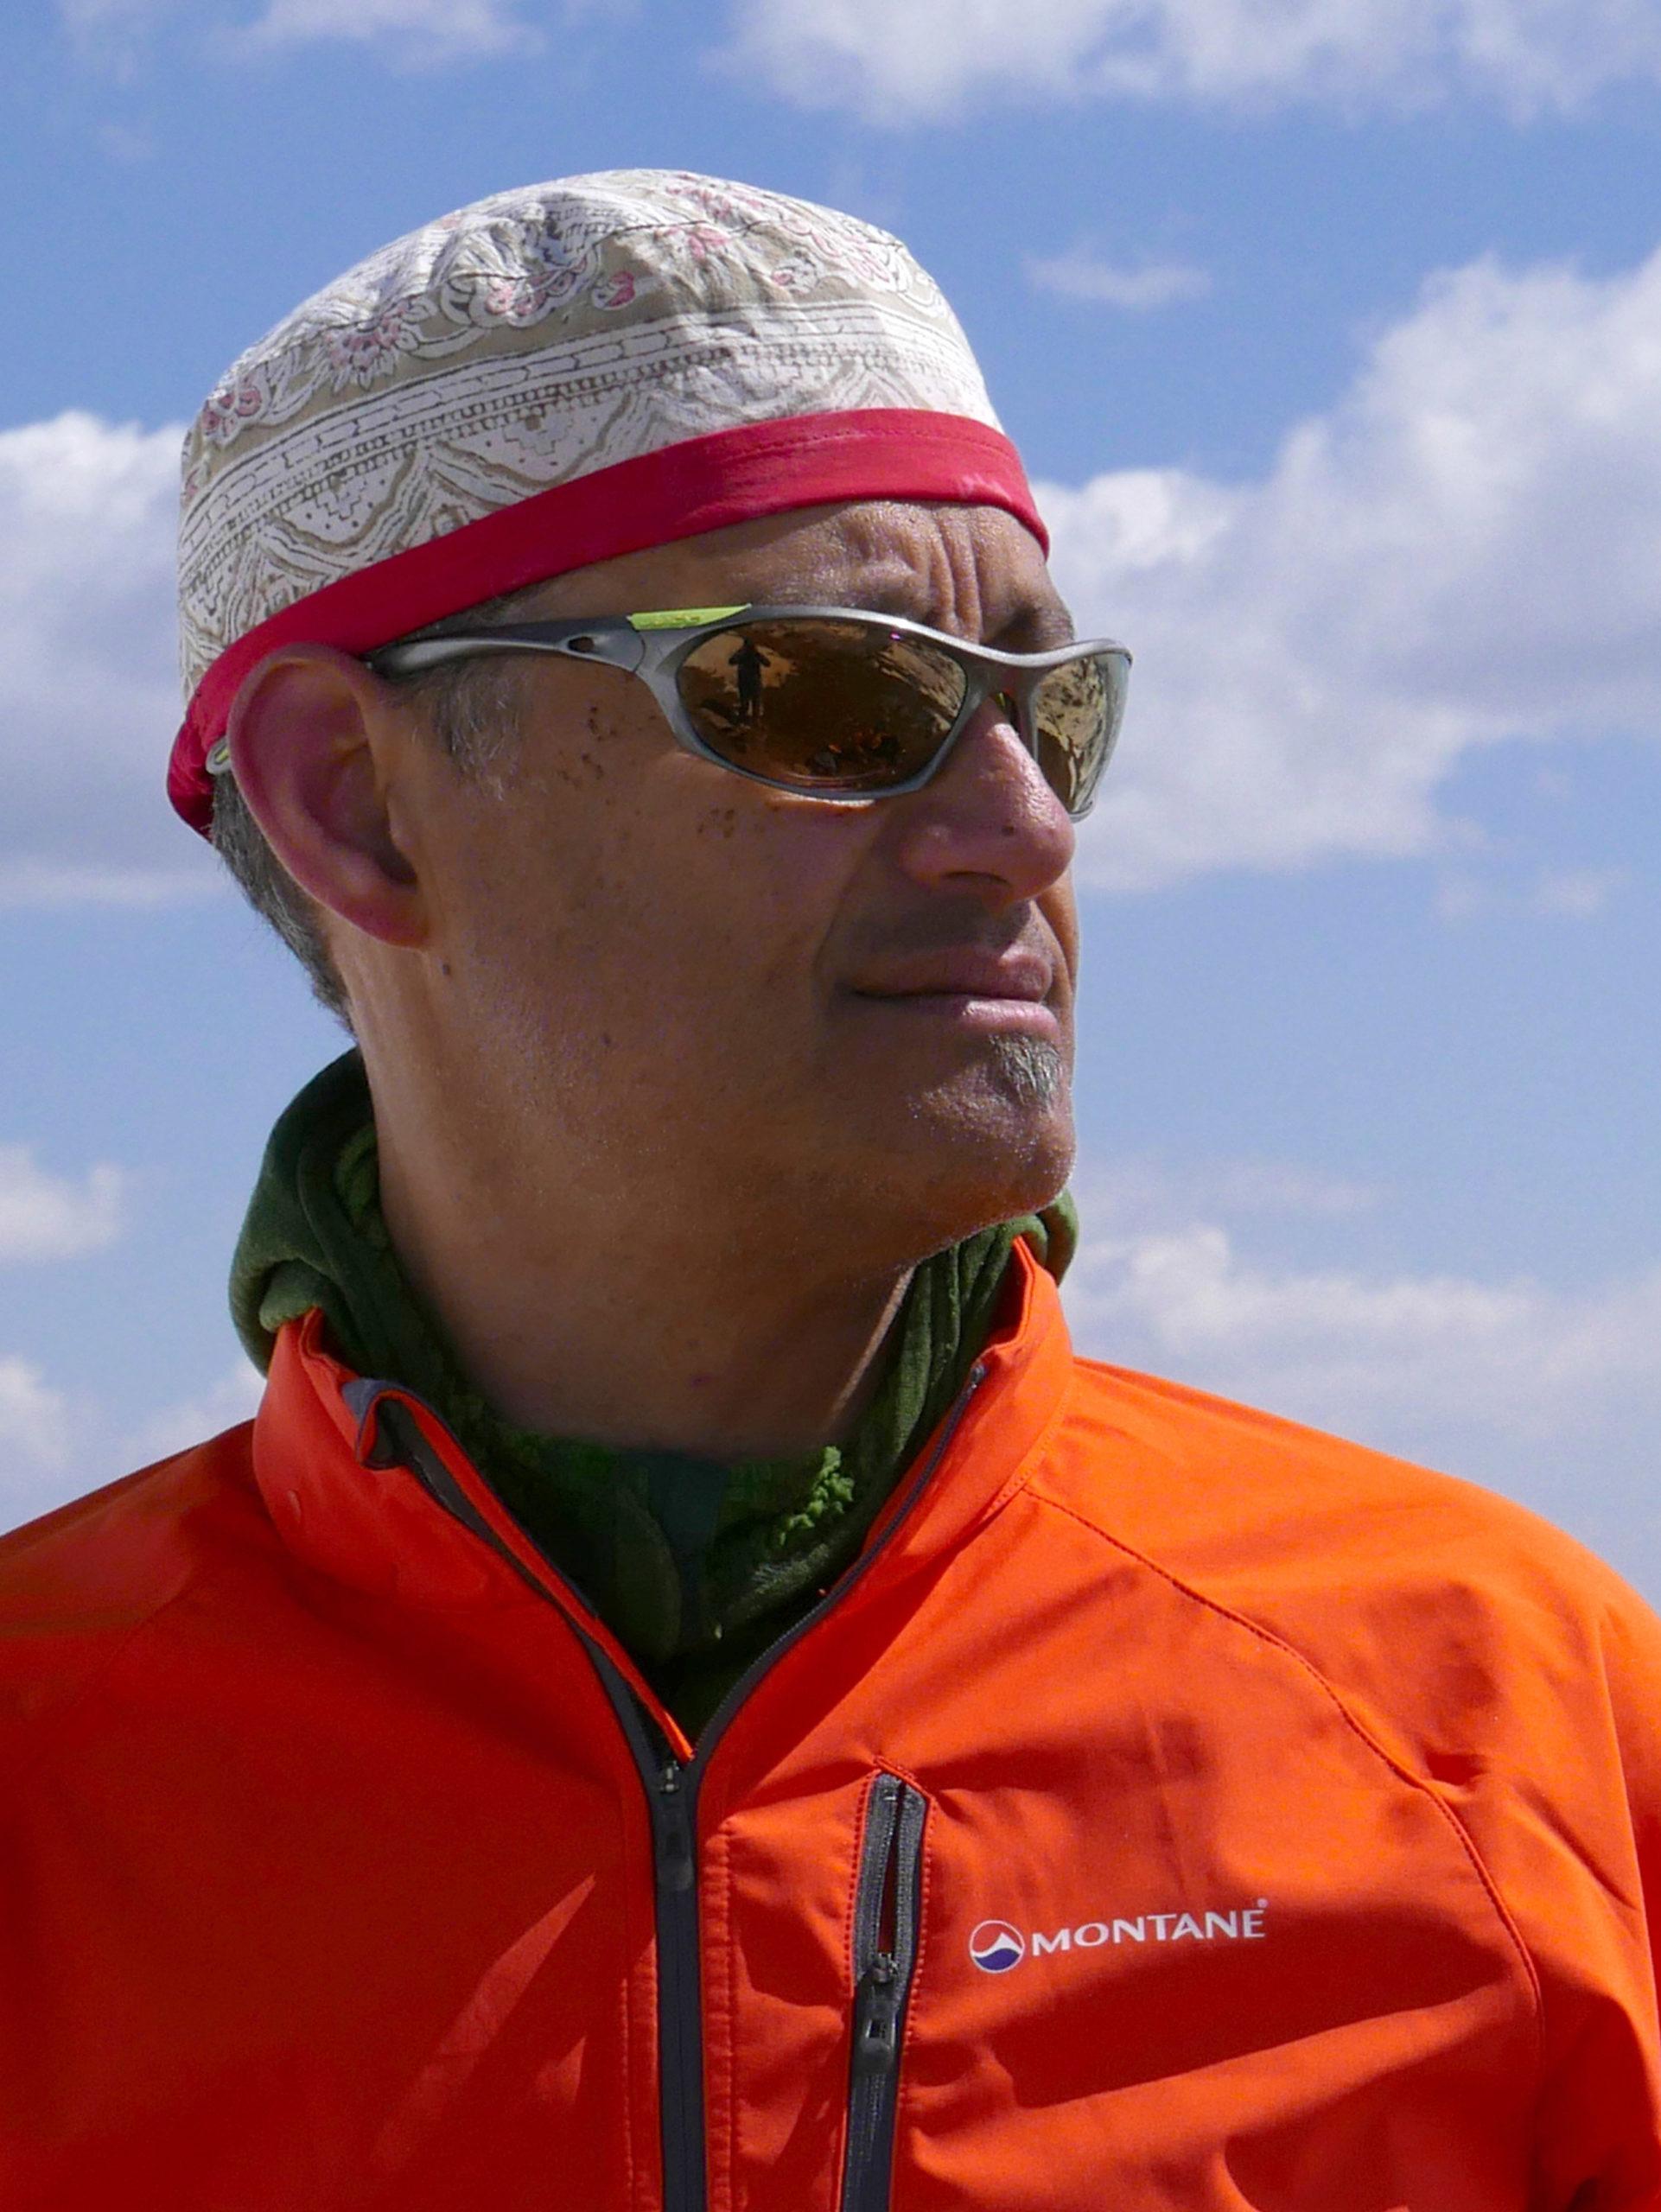 Alberto Sciamplicotti